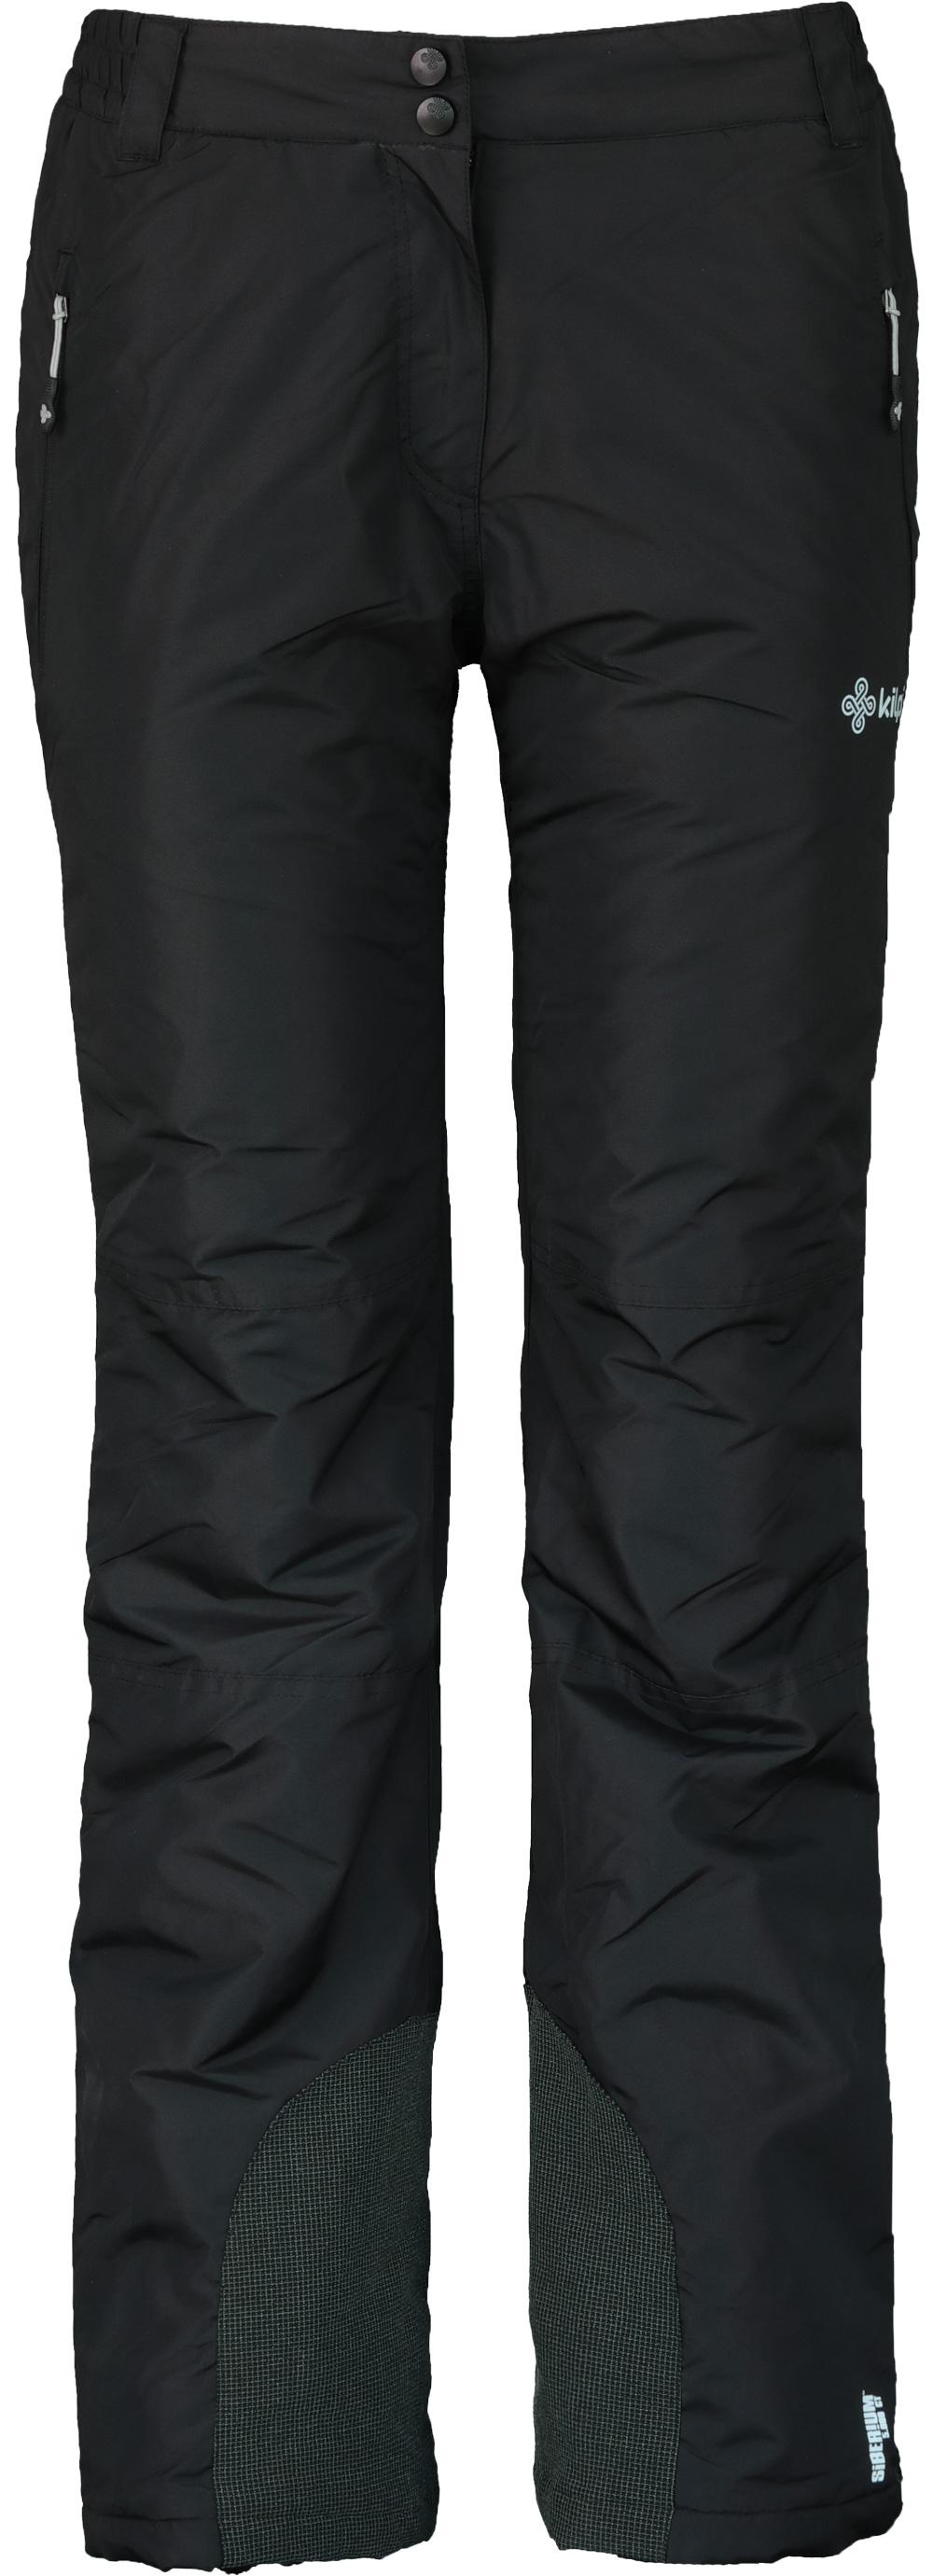 Lyžařské kalhoty dámské Kilpi GABONE-W